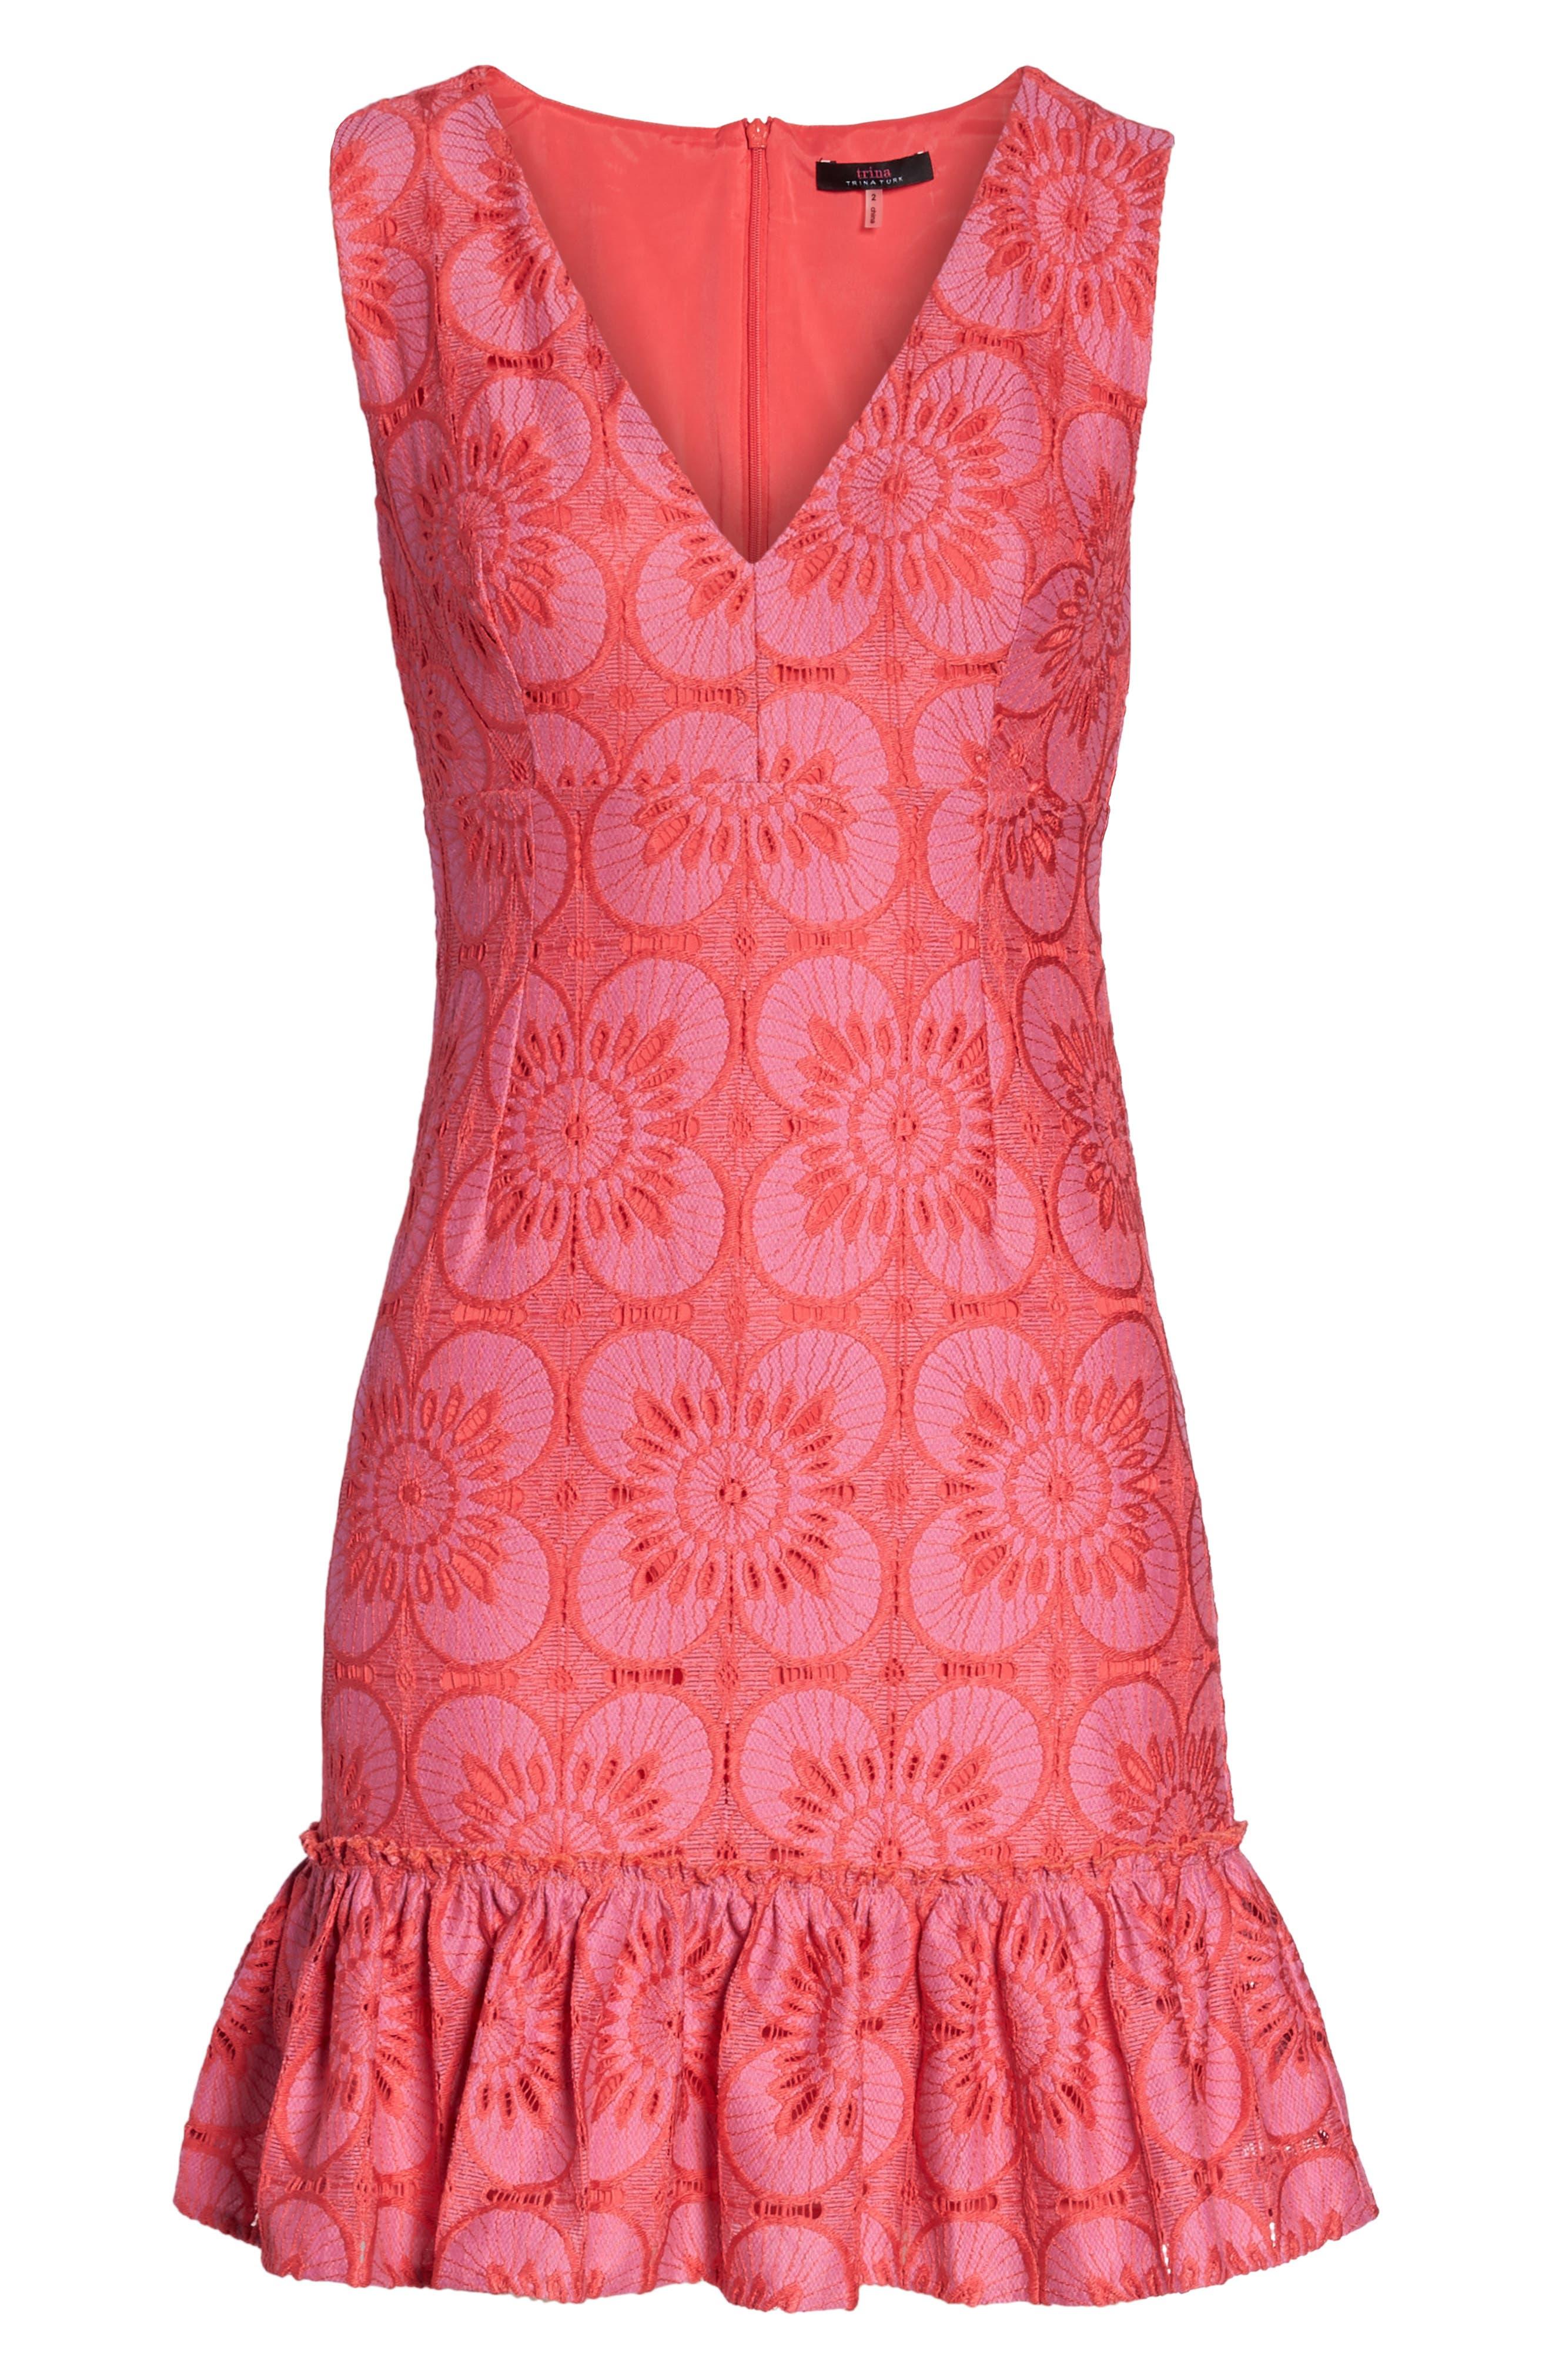 Carpinteria Lace Ruffle Hem Dress,                             Alternate thumbnail 6, color,                             650